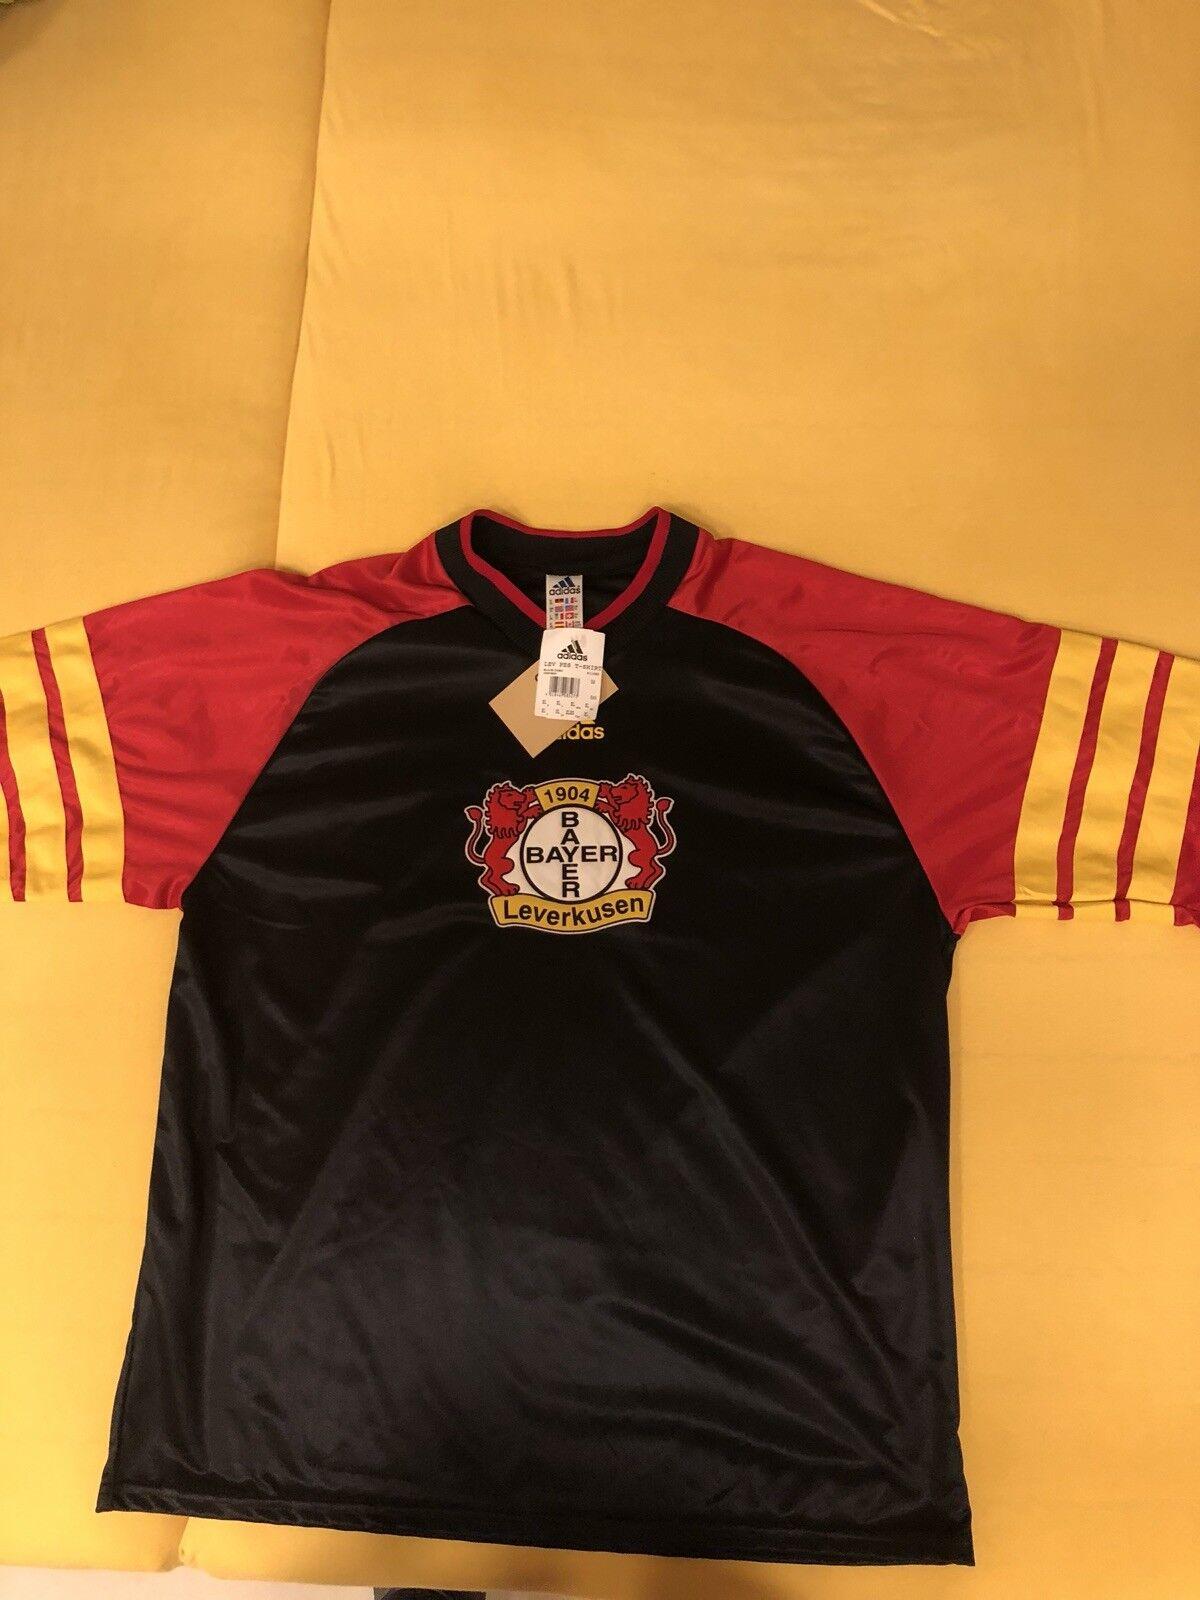 Trikot Bayer 04 Leverkusen Trainigsshirt XL Neu 1996 Rar Selten